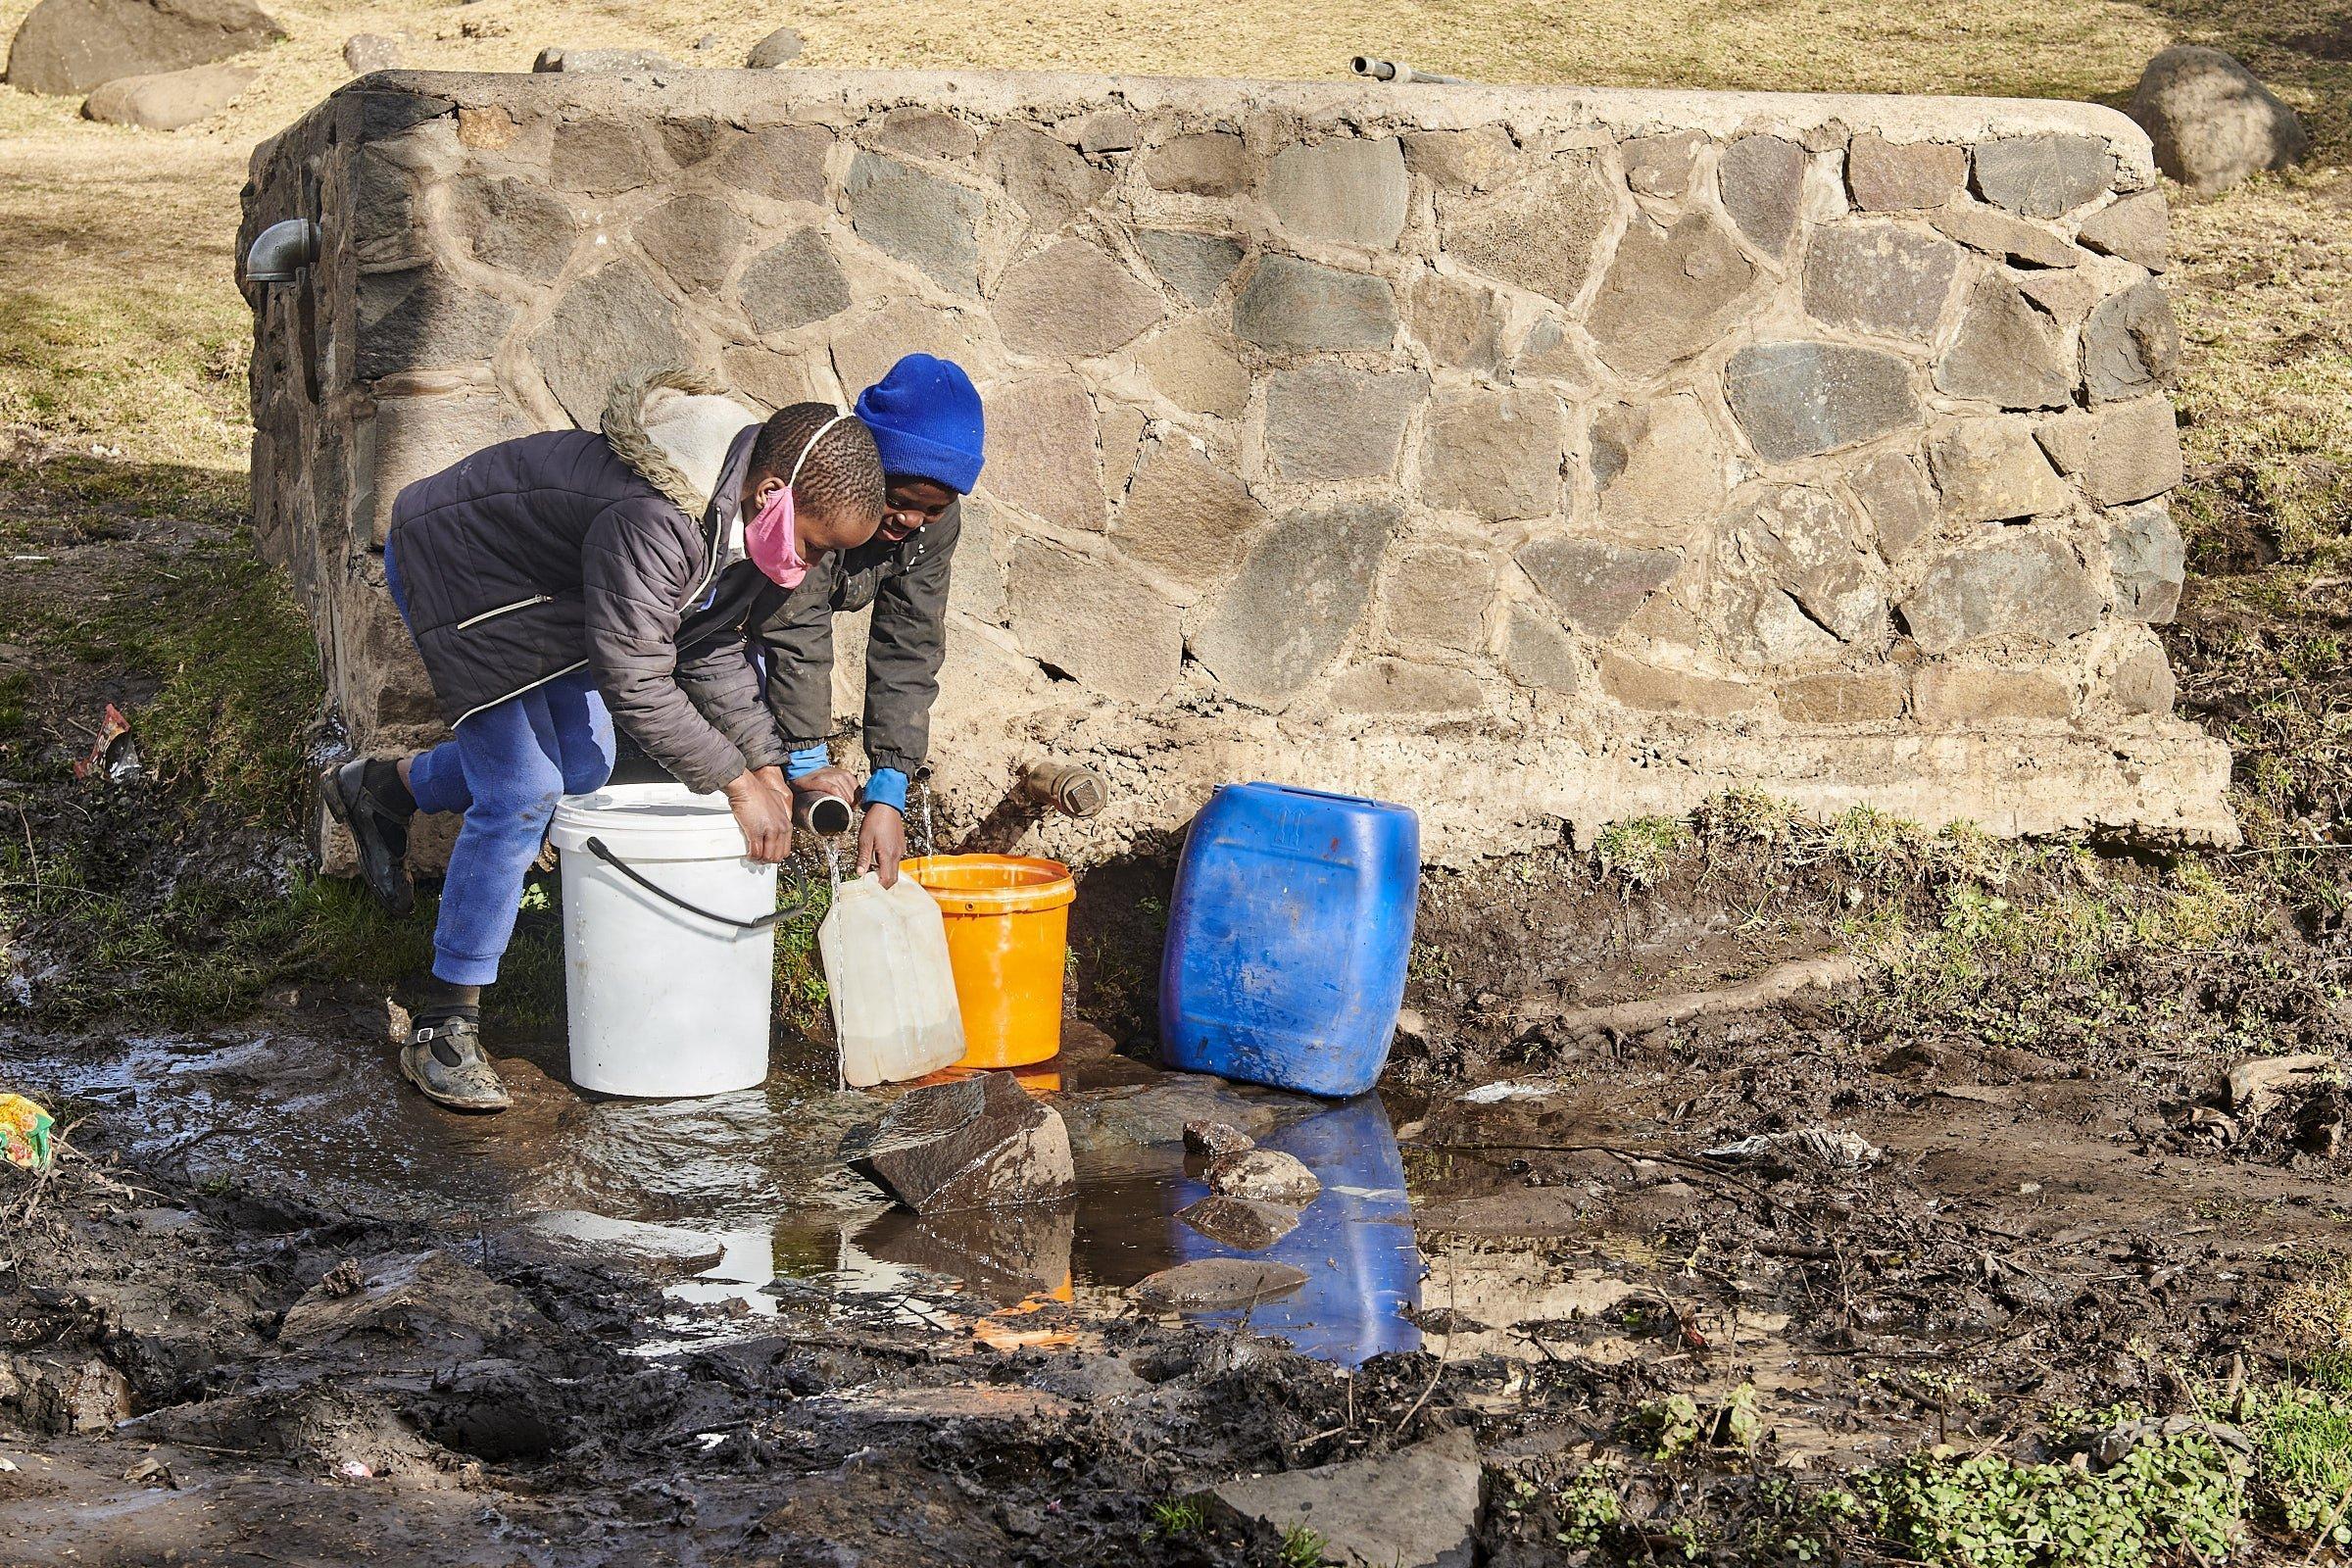 Zwei Mädchen stehen mit mehreren Wasserkanistern an der Wasserquelle – einem Steinquader aus dem zwei Rohre ragen